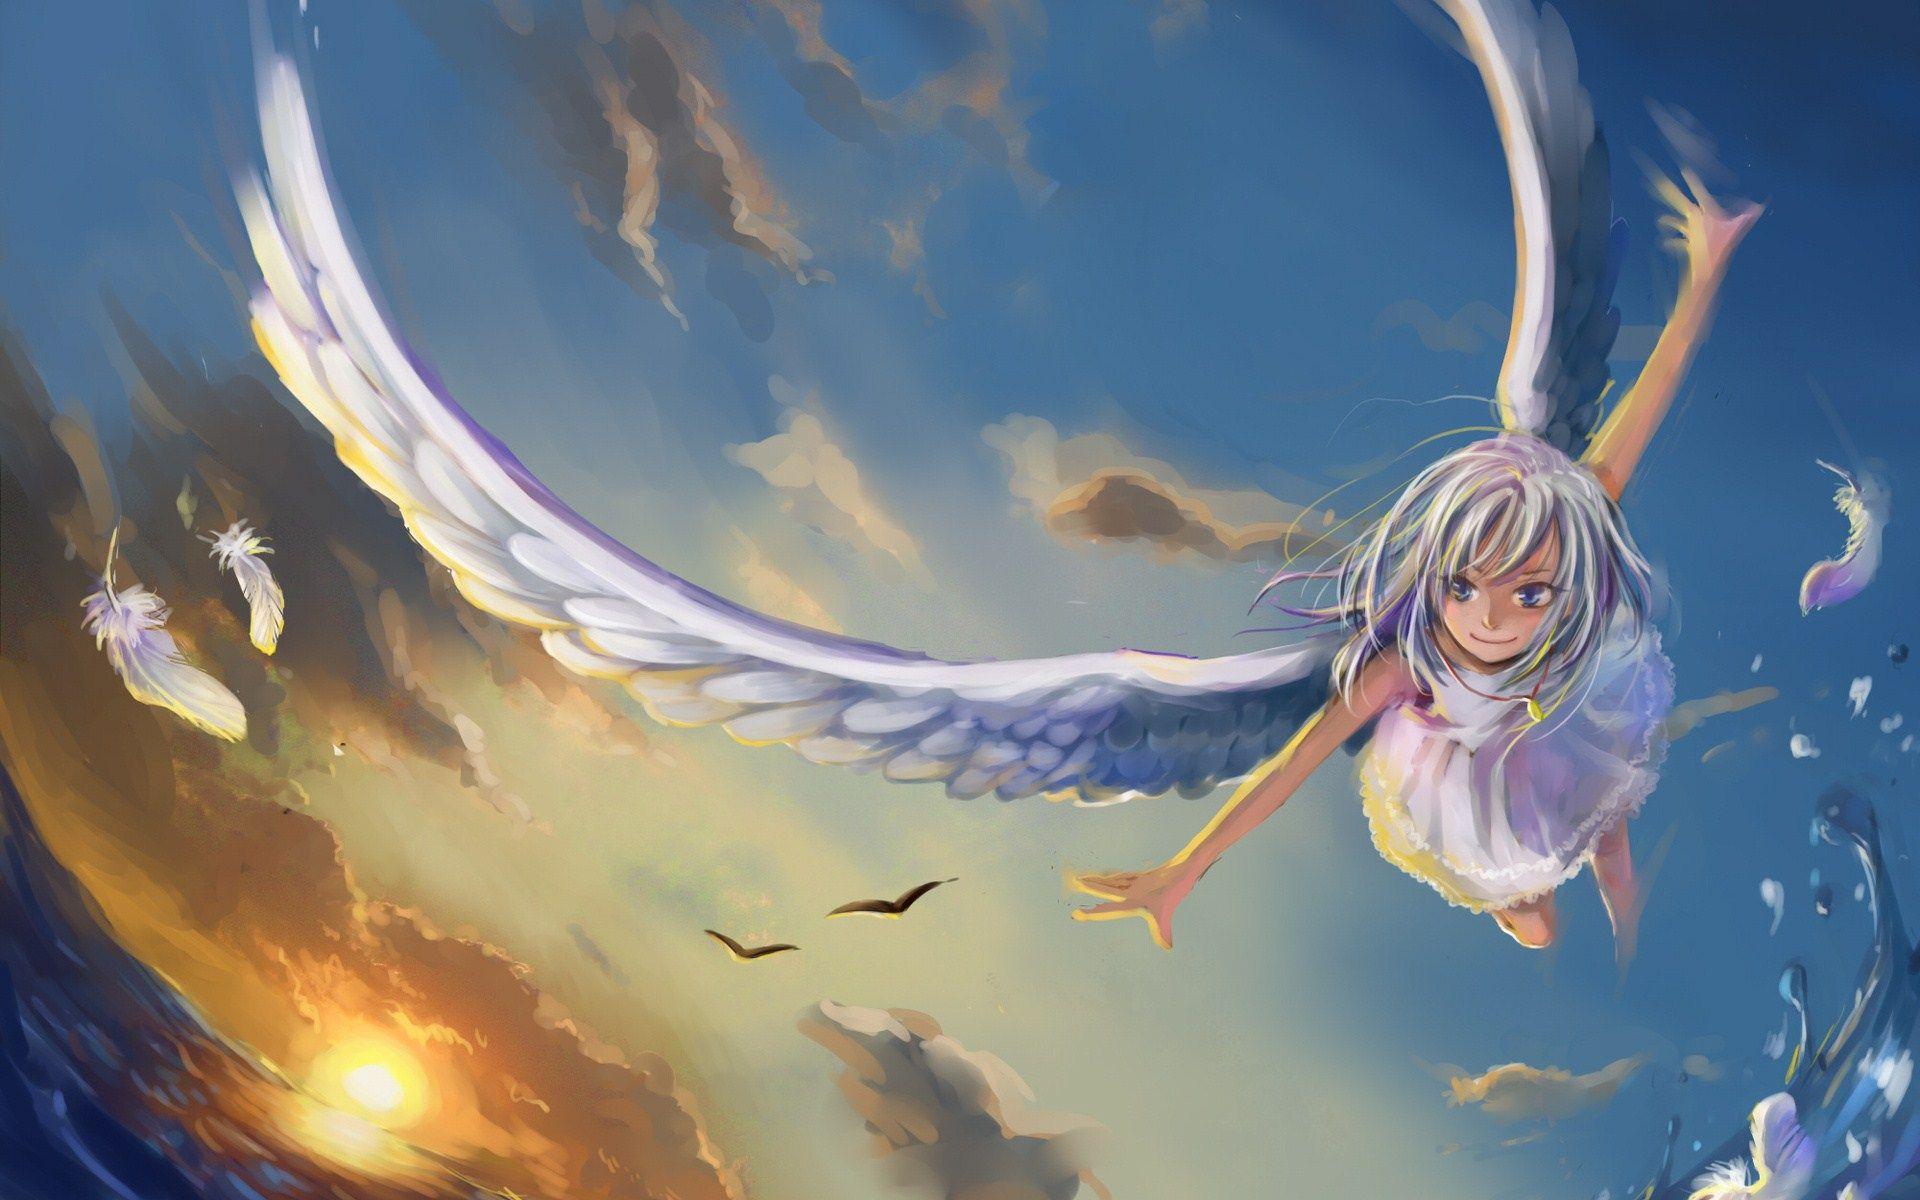 Anime angel girl anime girls manga girl manga anime anime art